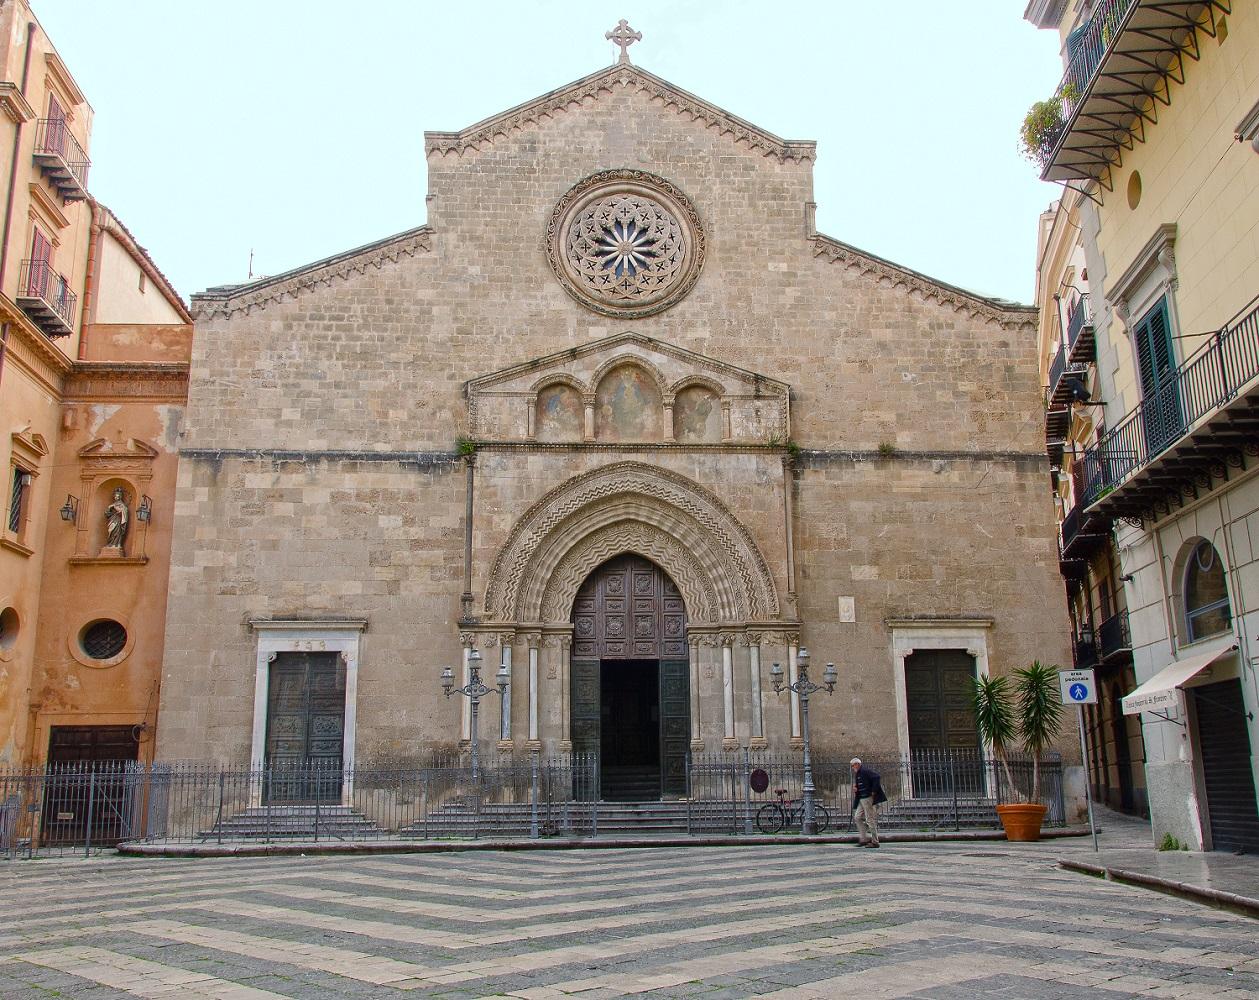 Palermo, Piazza San Francesco, la Basilica adiacente alla RizzutoGallery